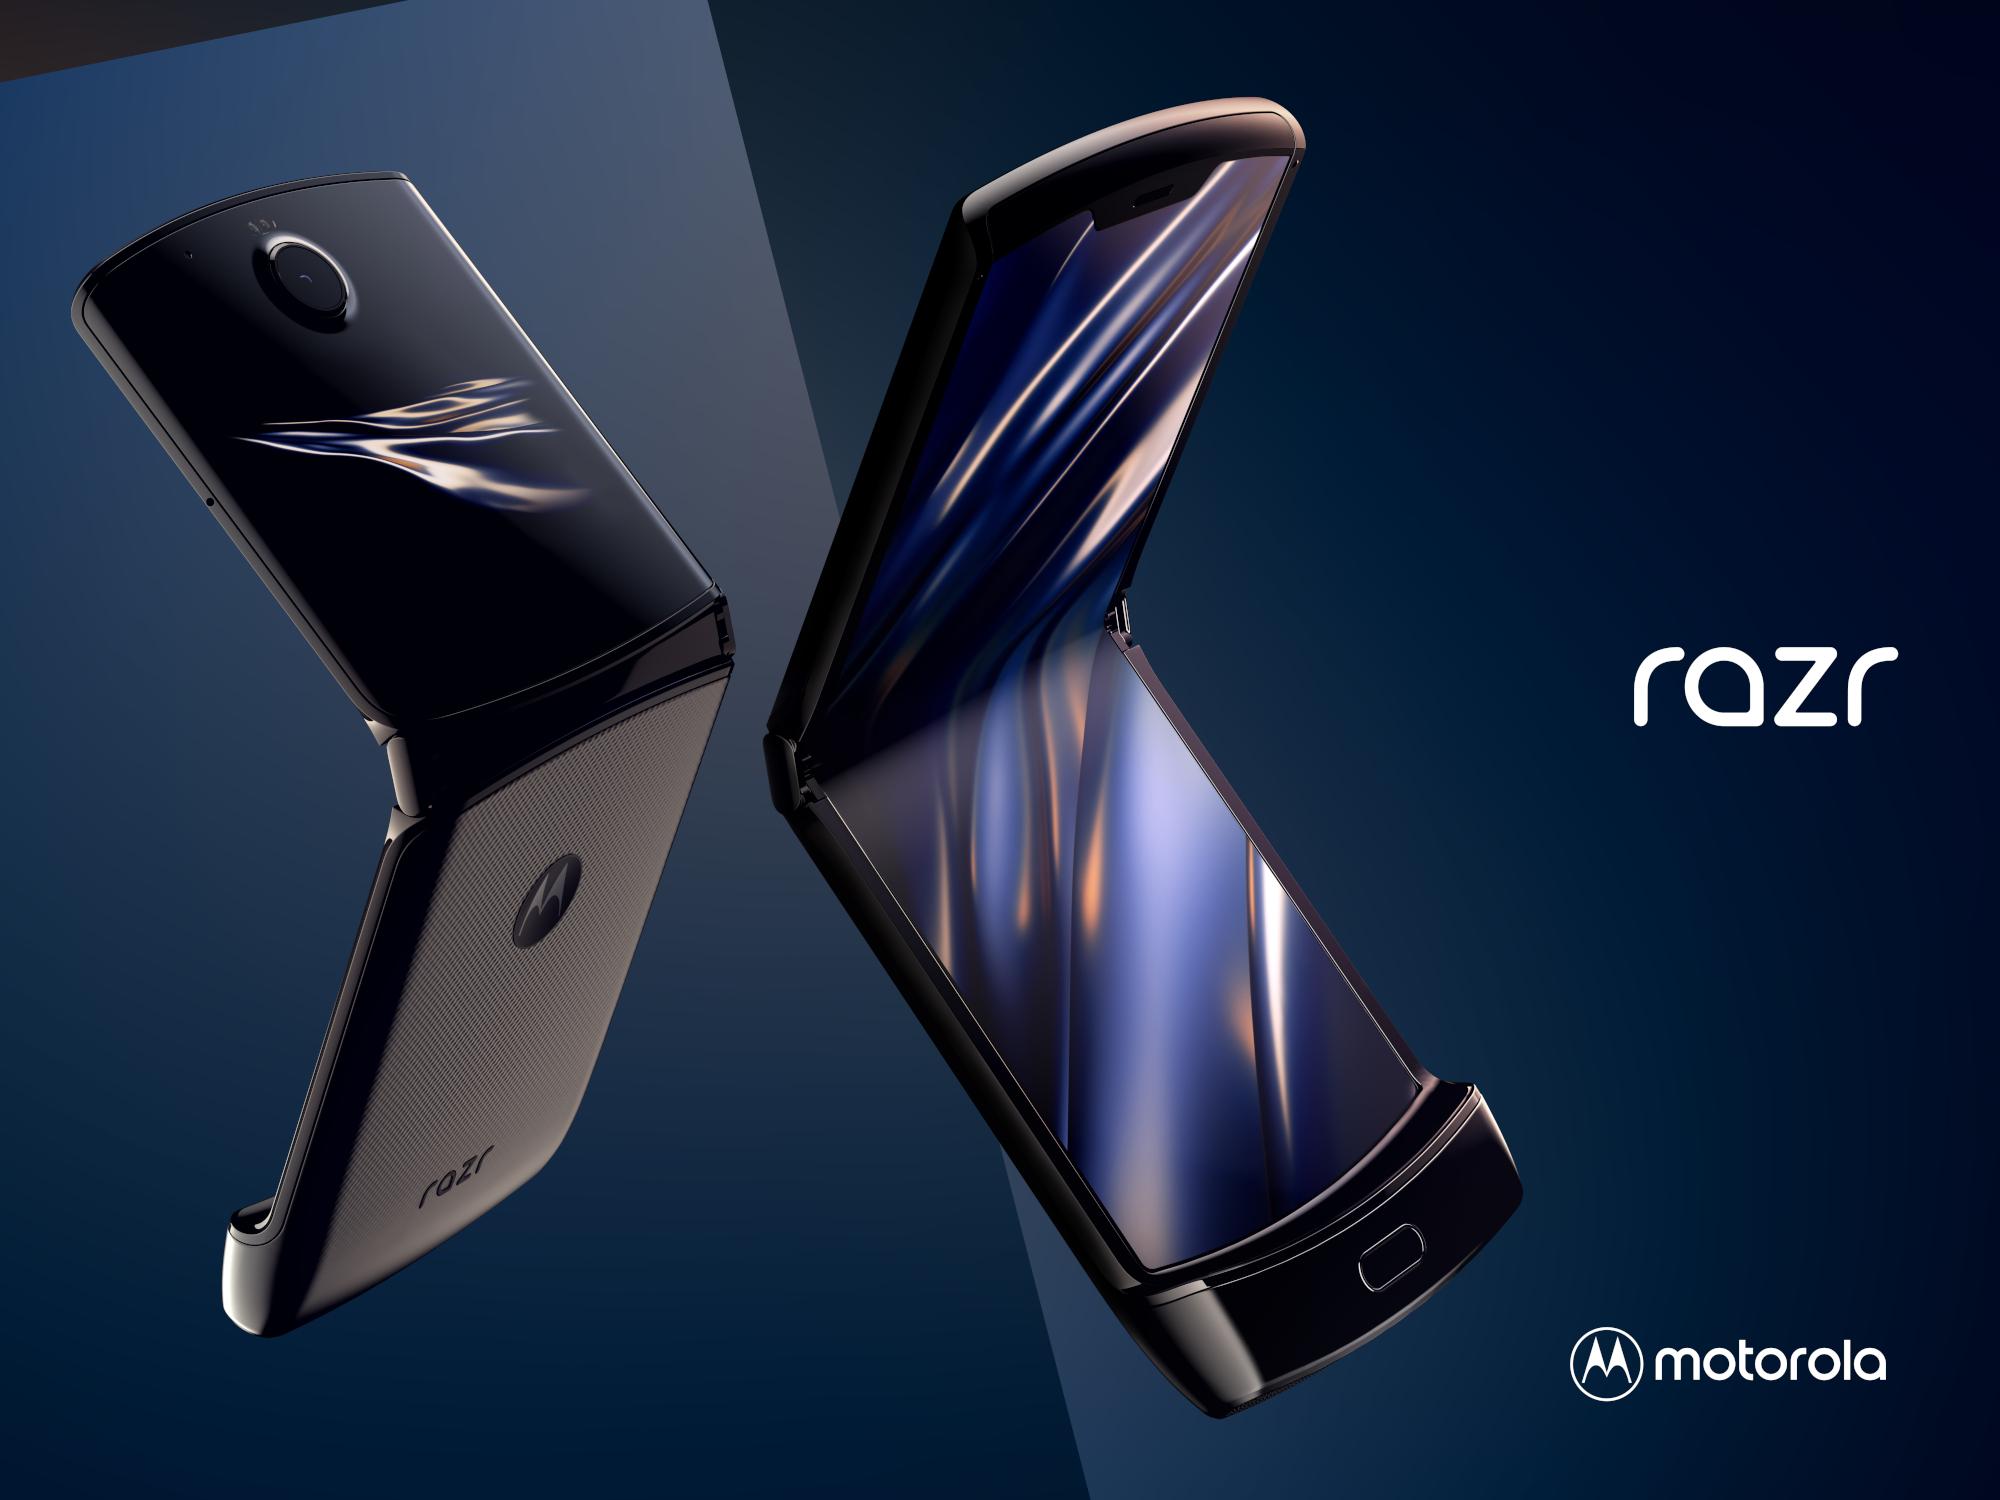 Skládací smartphone Motorola Razr znovu zlevnil